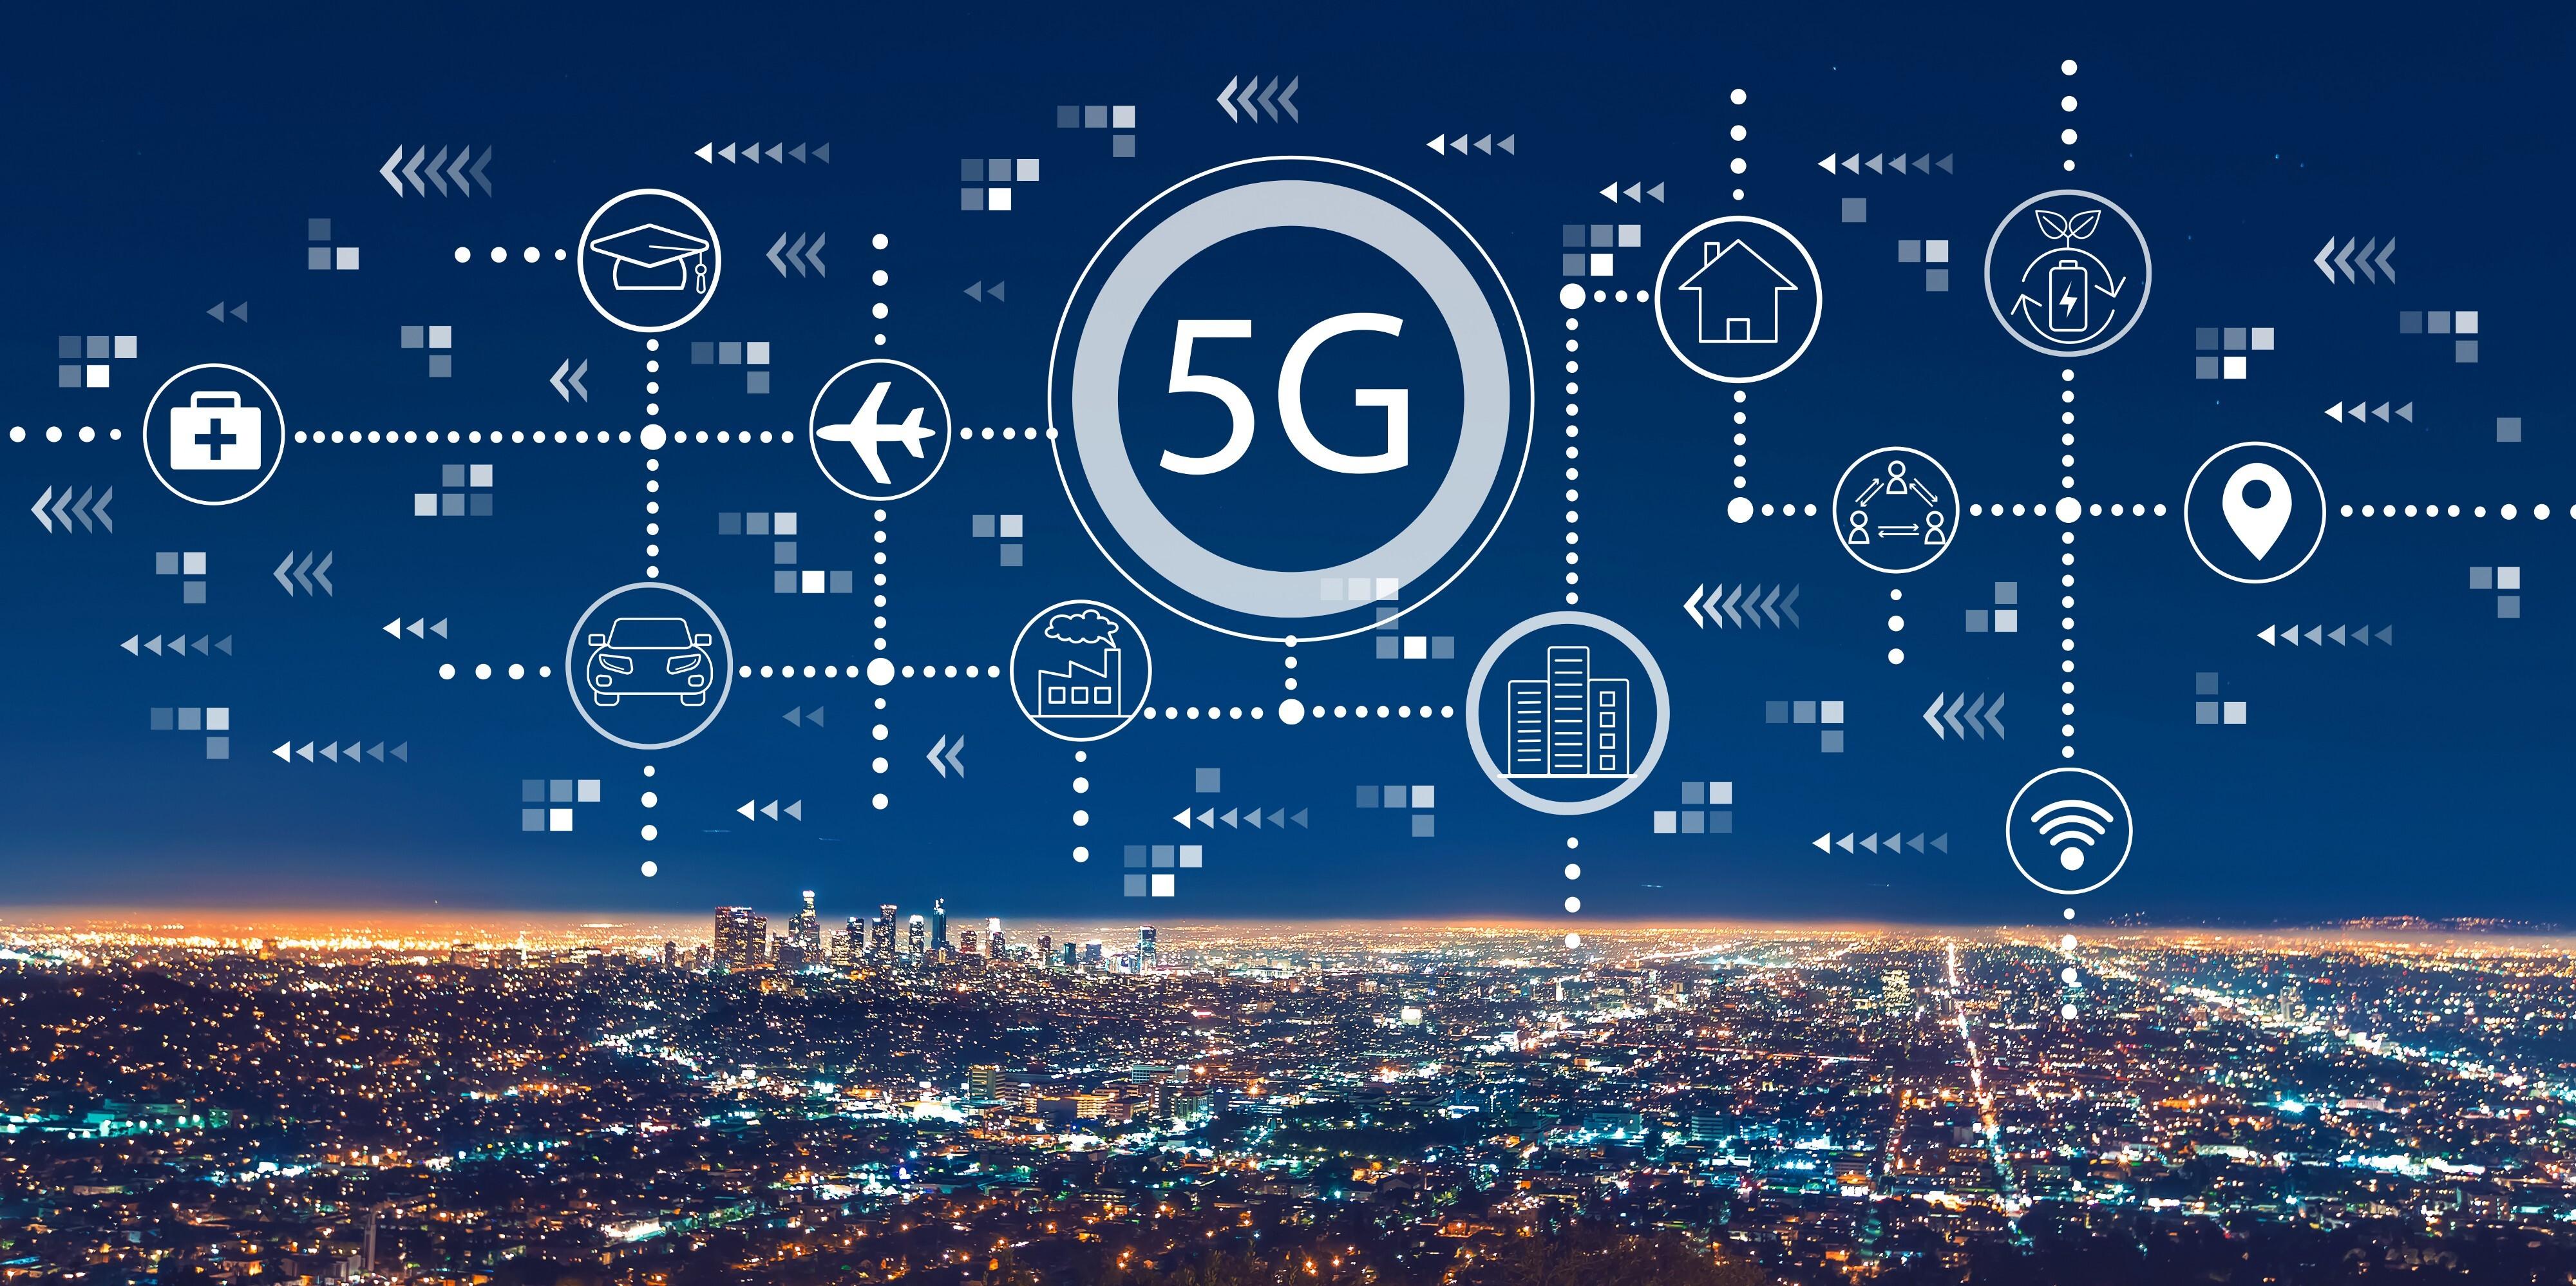 مخفی کردن آنتنهای شبکه 5G